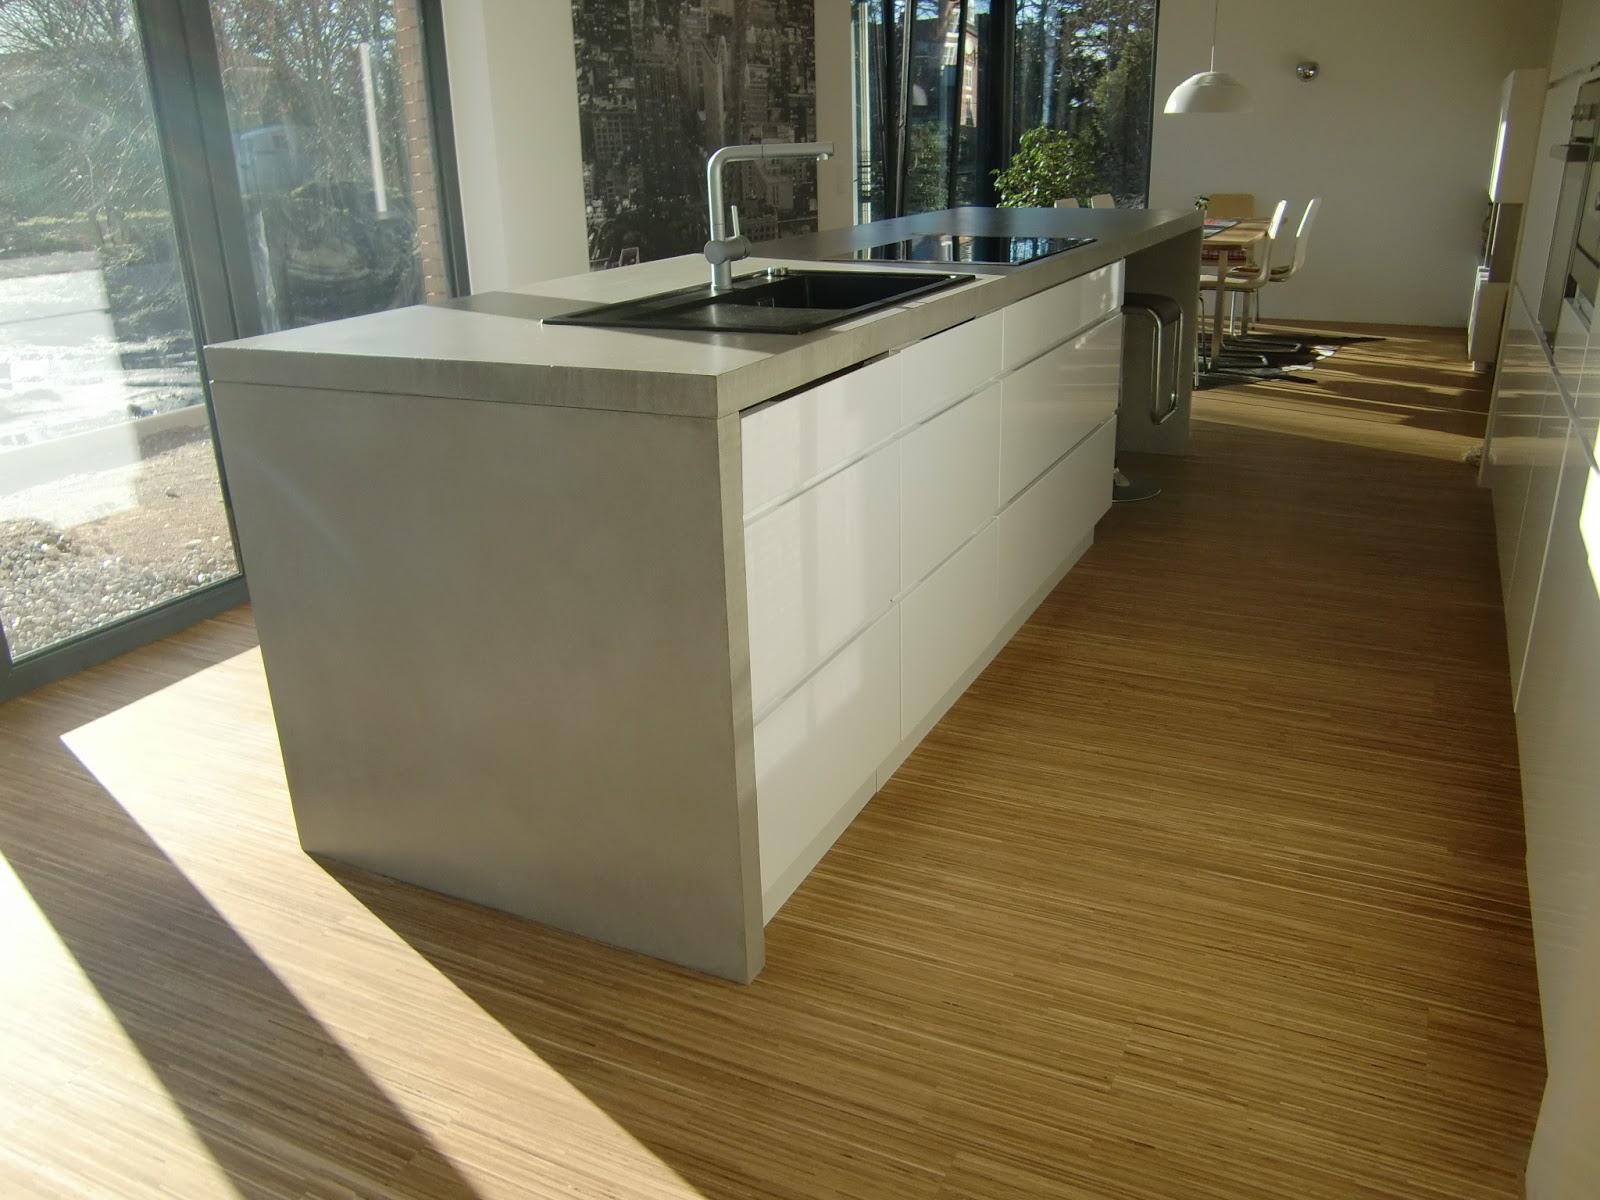 kchen selber bauen finest man knnte schmalen bartresen selber bauen und sich in der wohnung. Black Bedroom Furniture Sets. Home Design Ideas